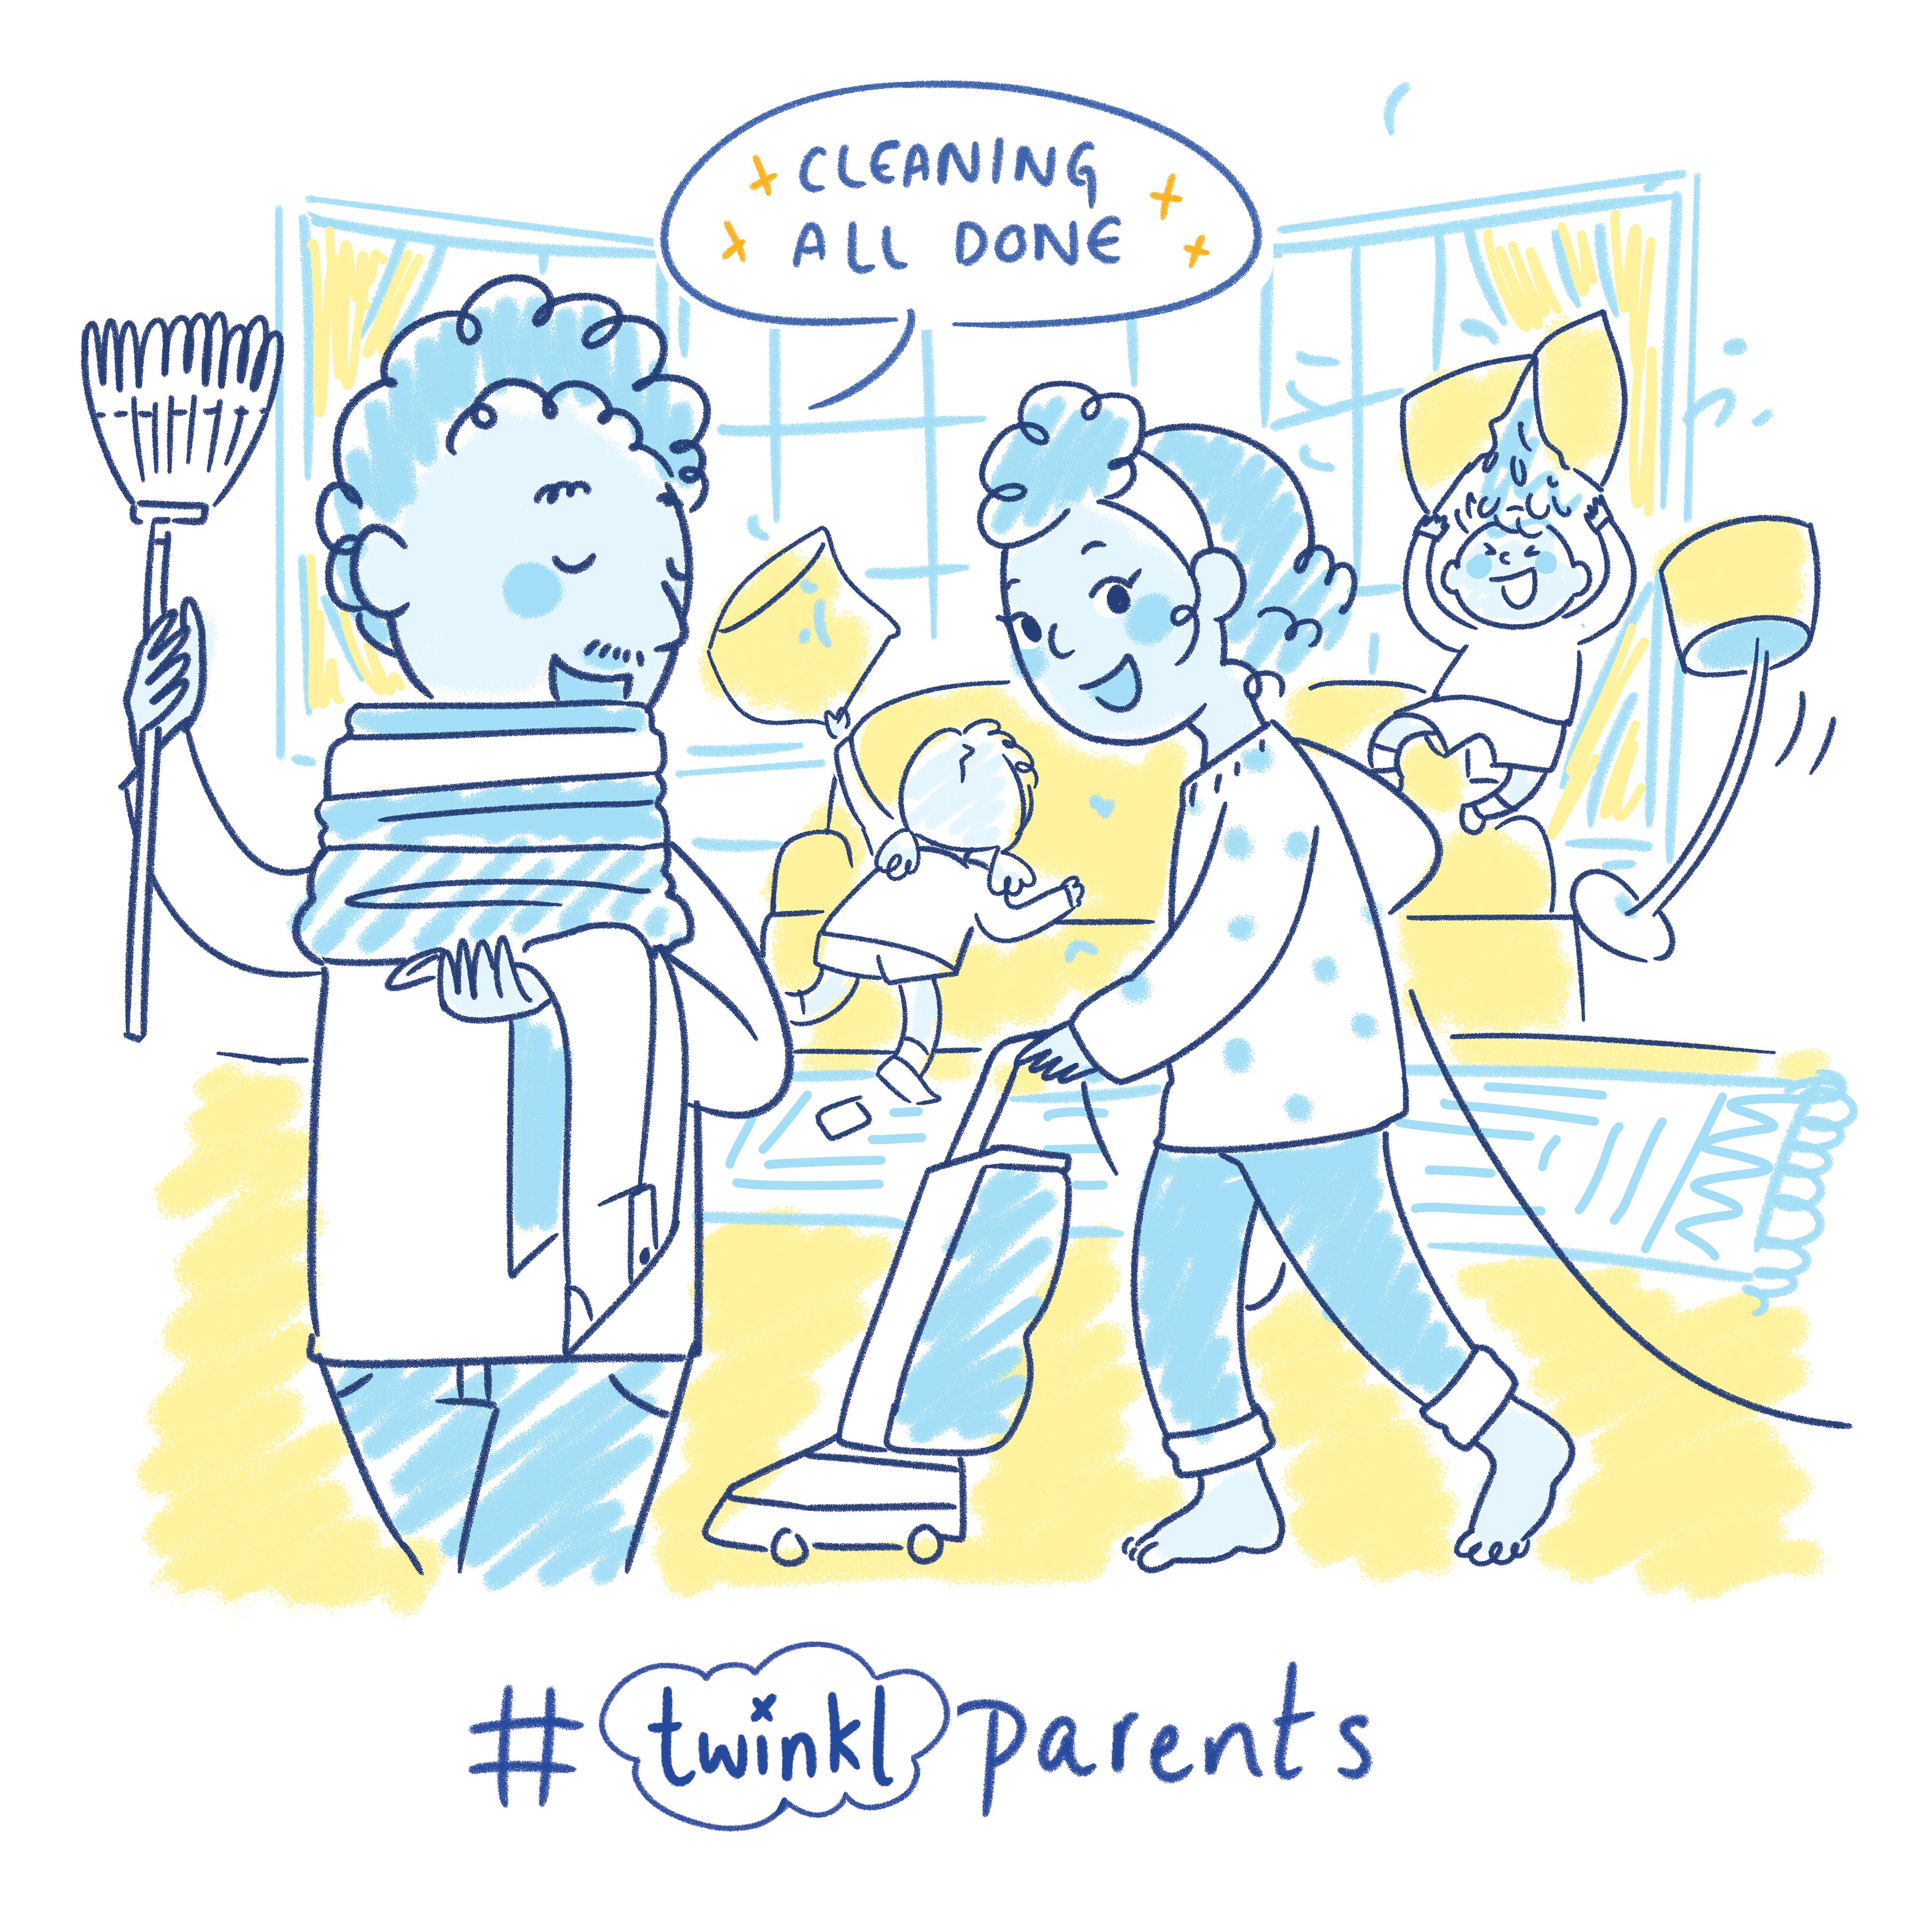 Twinkl Parents Doodle Illustration